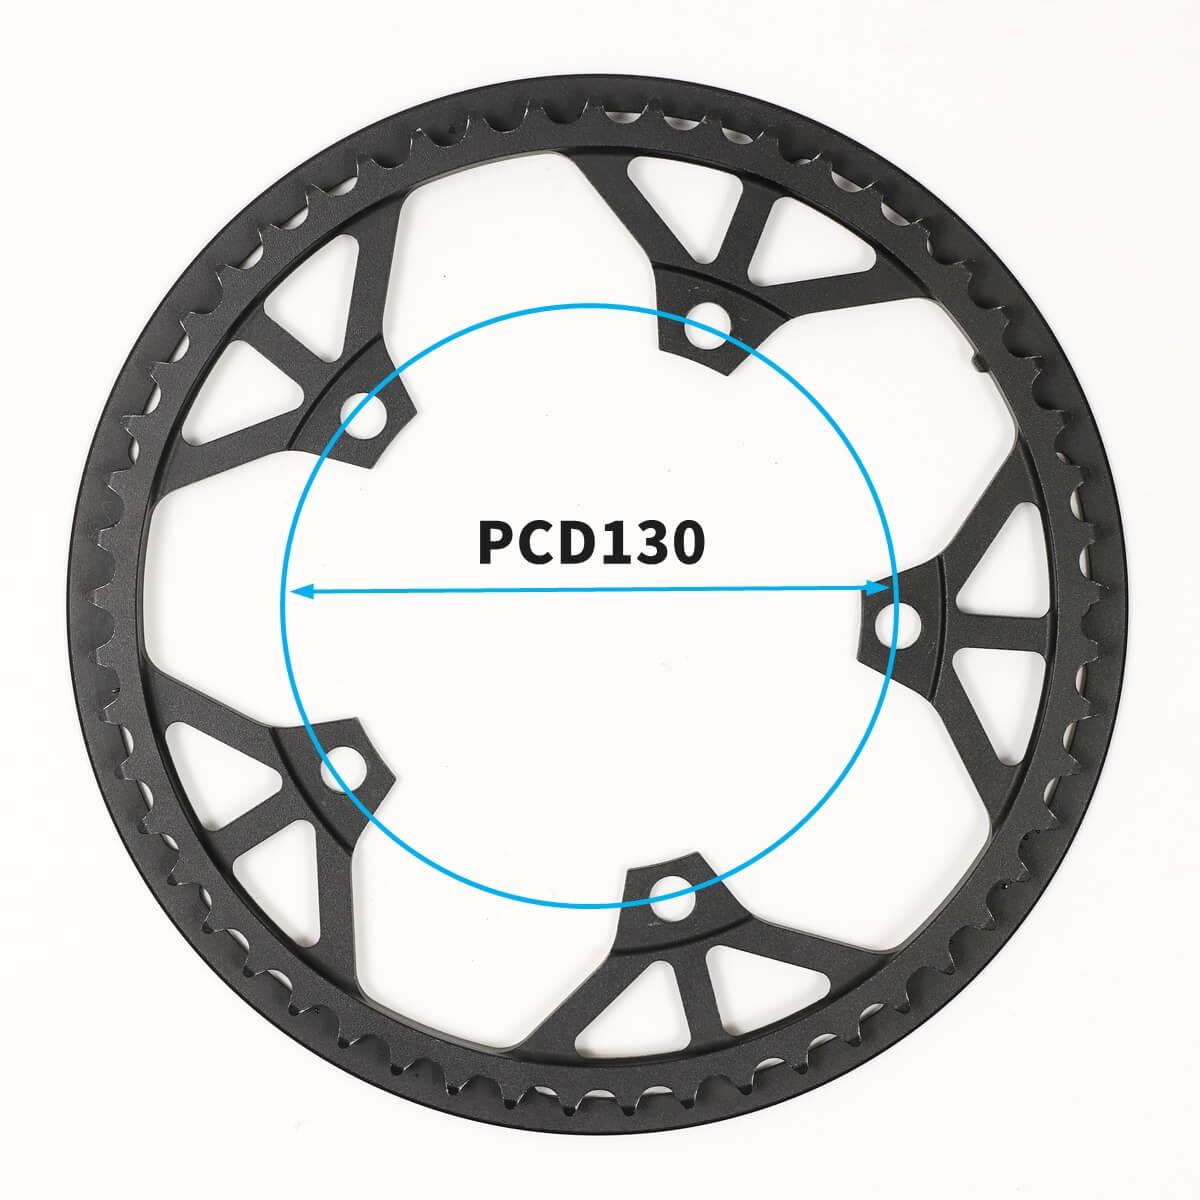 DAHON K3のチェーンリングはPCD130を選ぶ